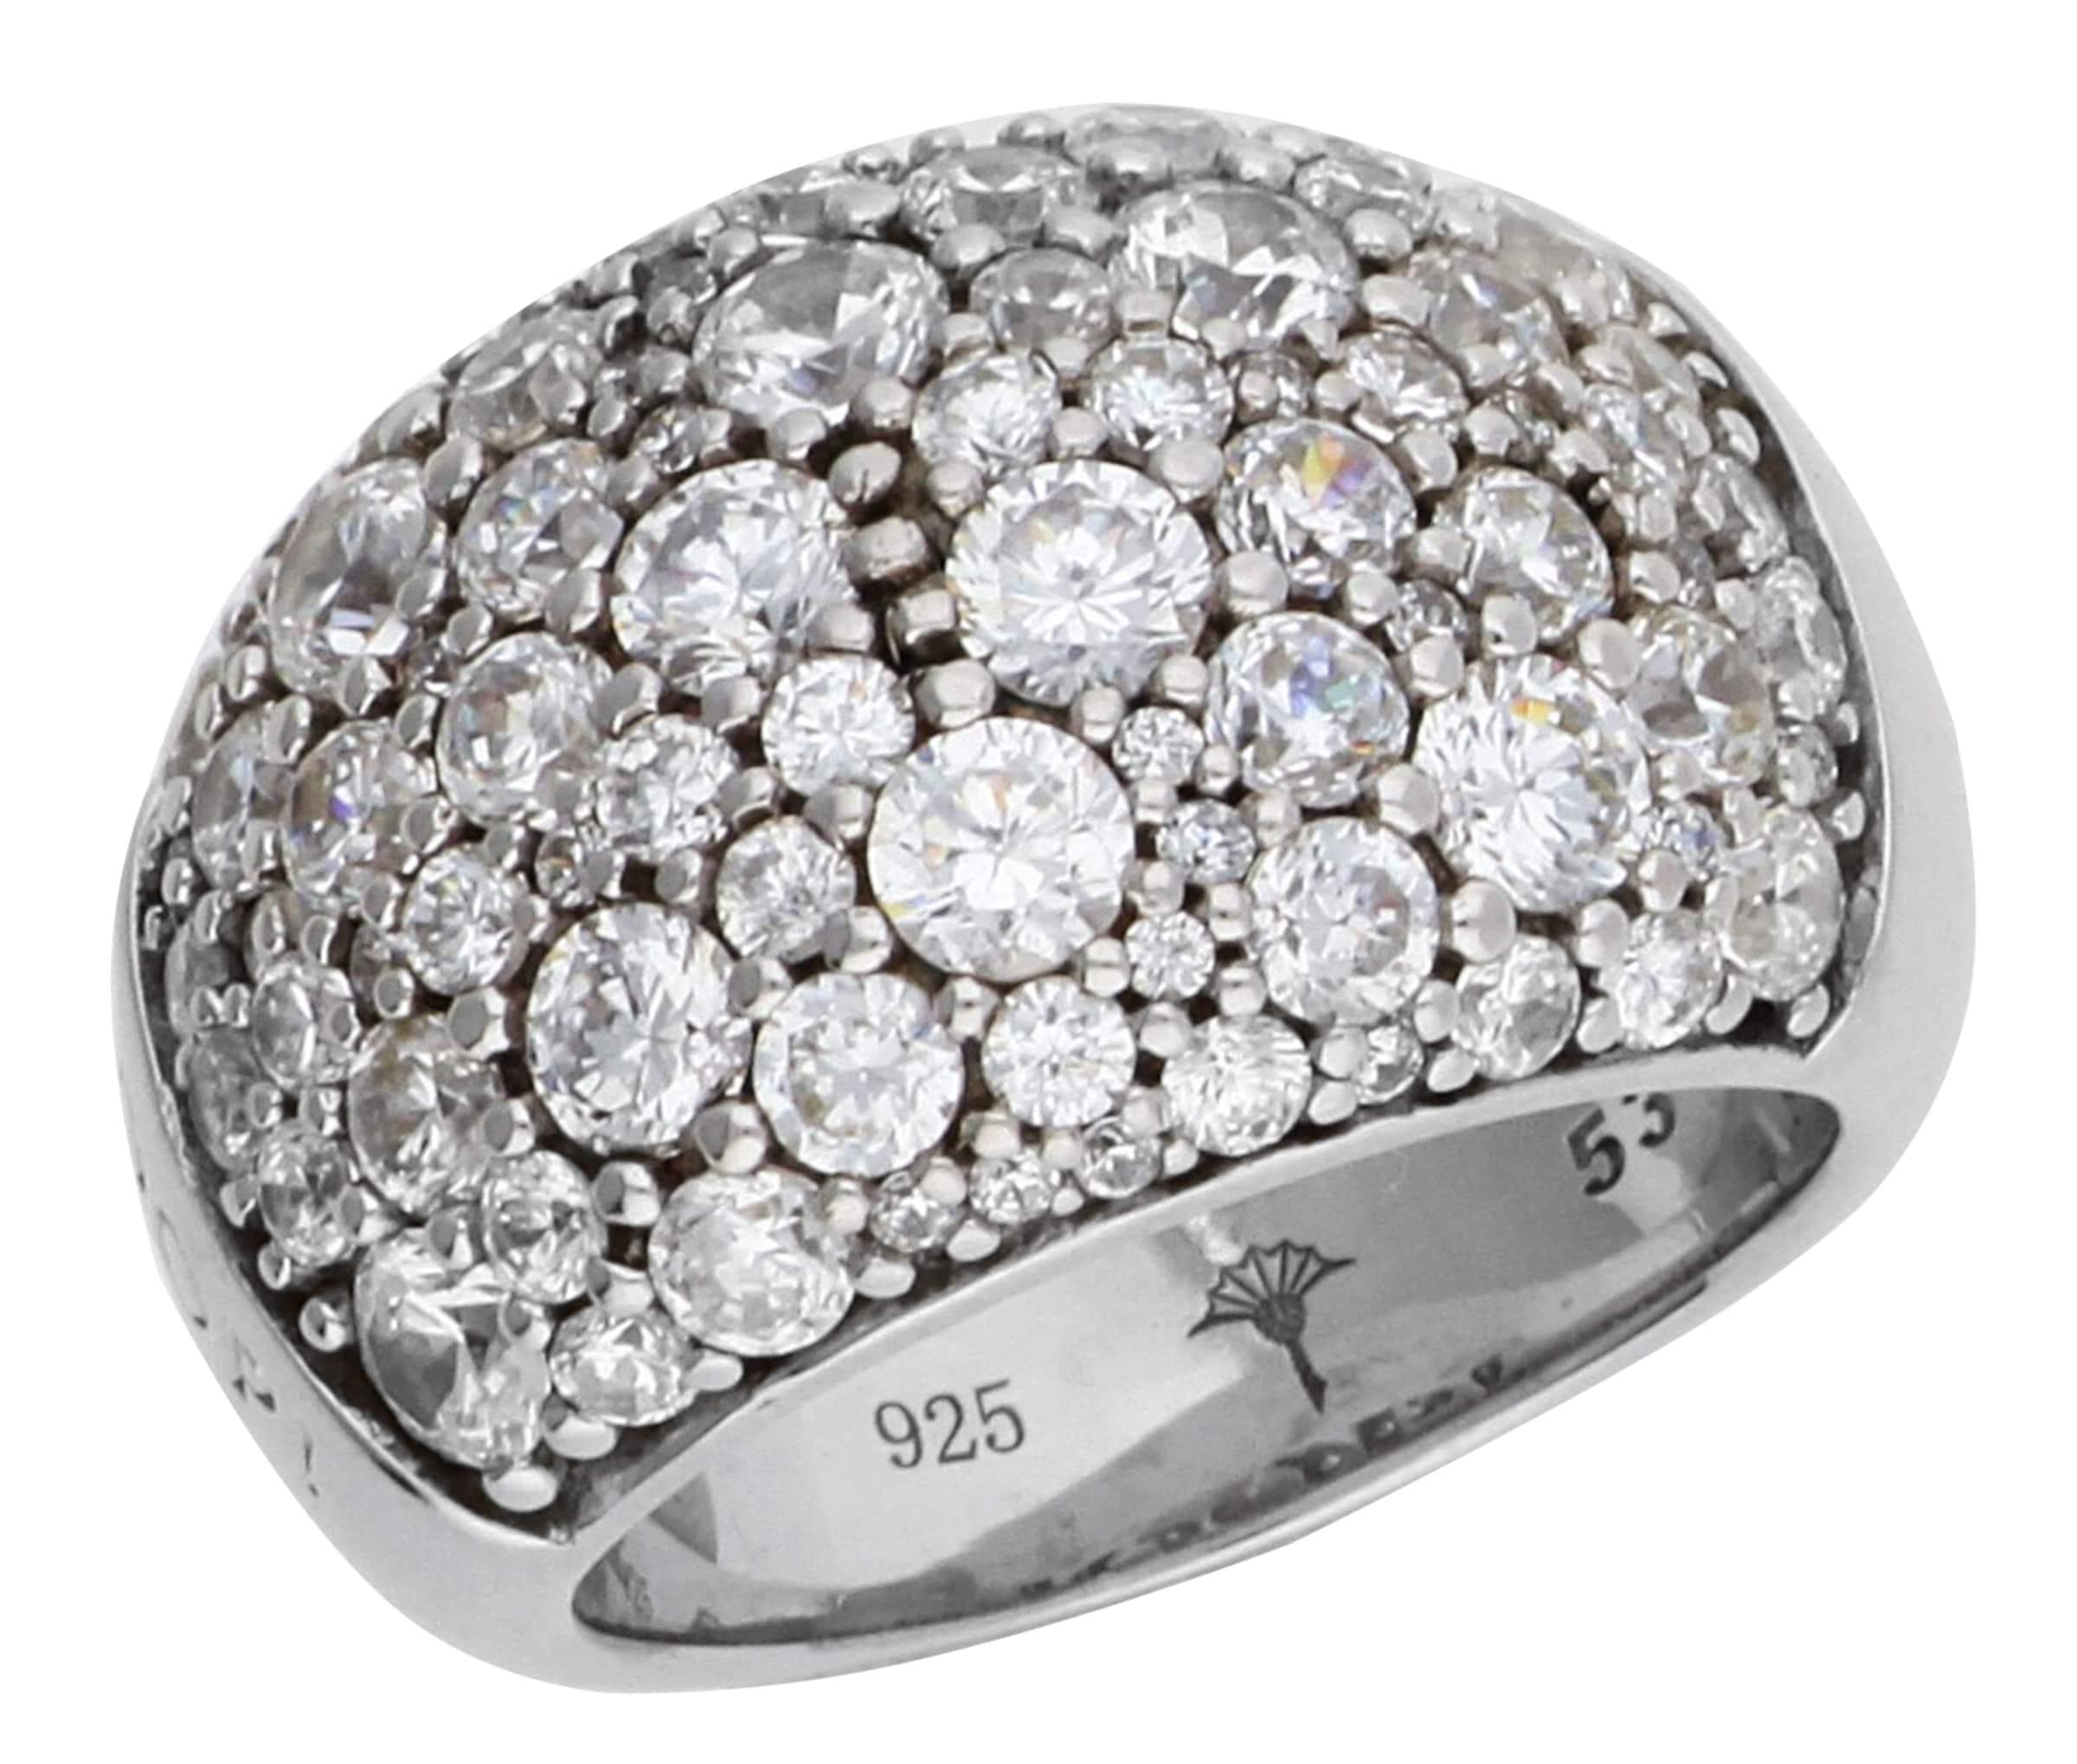 Kaufen Billige Angebote JOOP! Fingerring mit Zirkonia-Steinbesatz JPRG90500A Verkauf Ebay Auslass Für Schön Große Diskont Online ivqHcDgJS